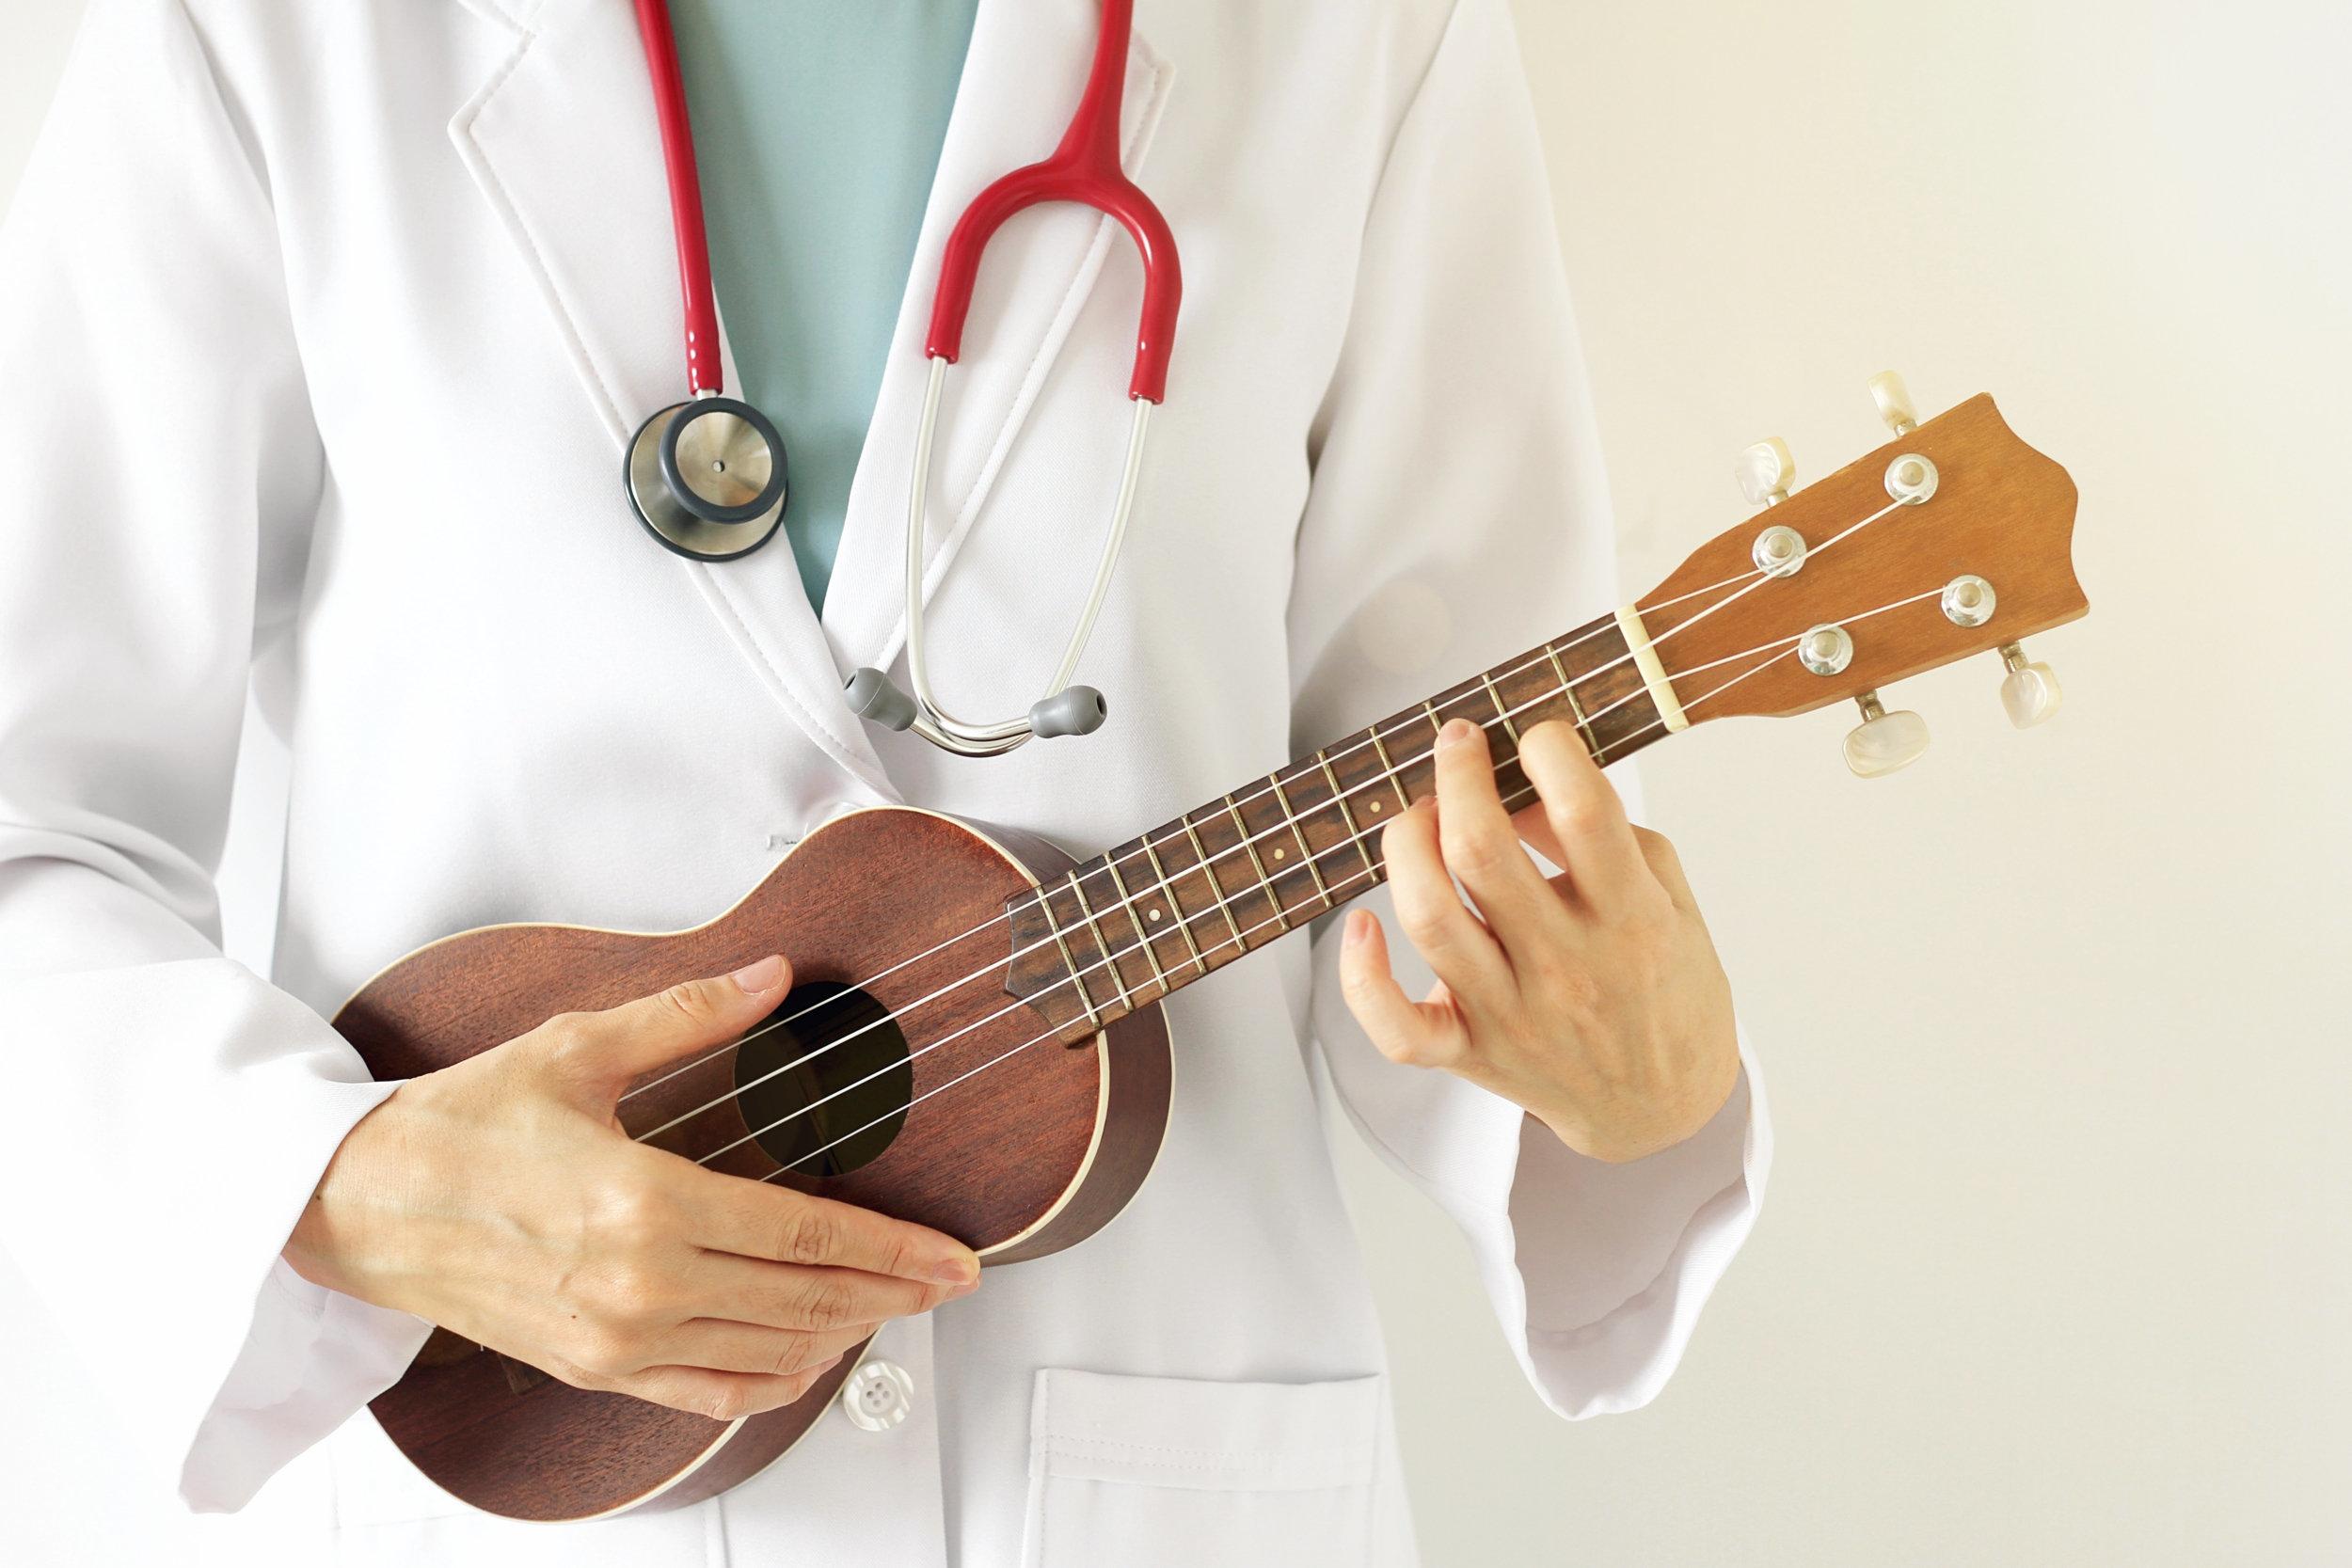 Traiter les malades du cancer par la musique: Quand le ministre de la Santé essaie de rectifier le